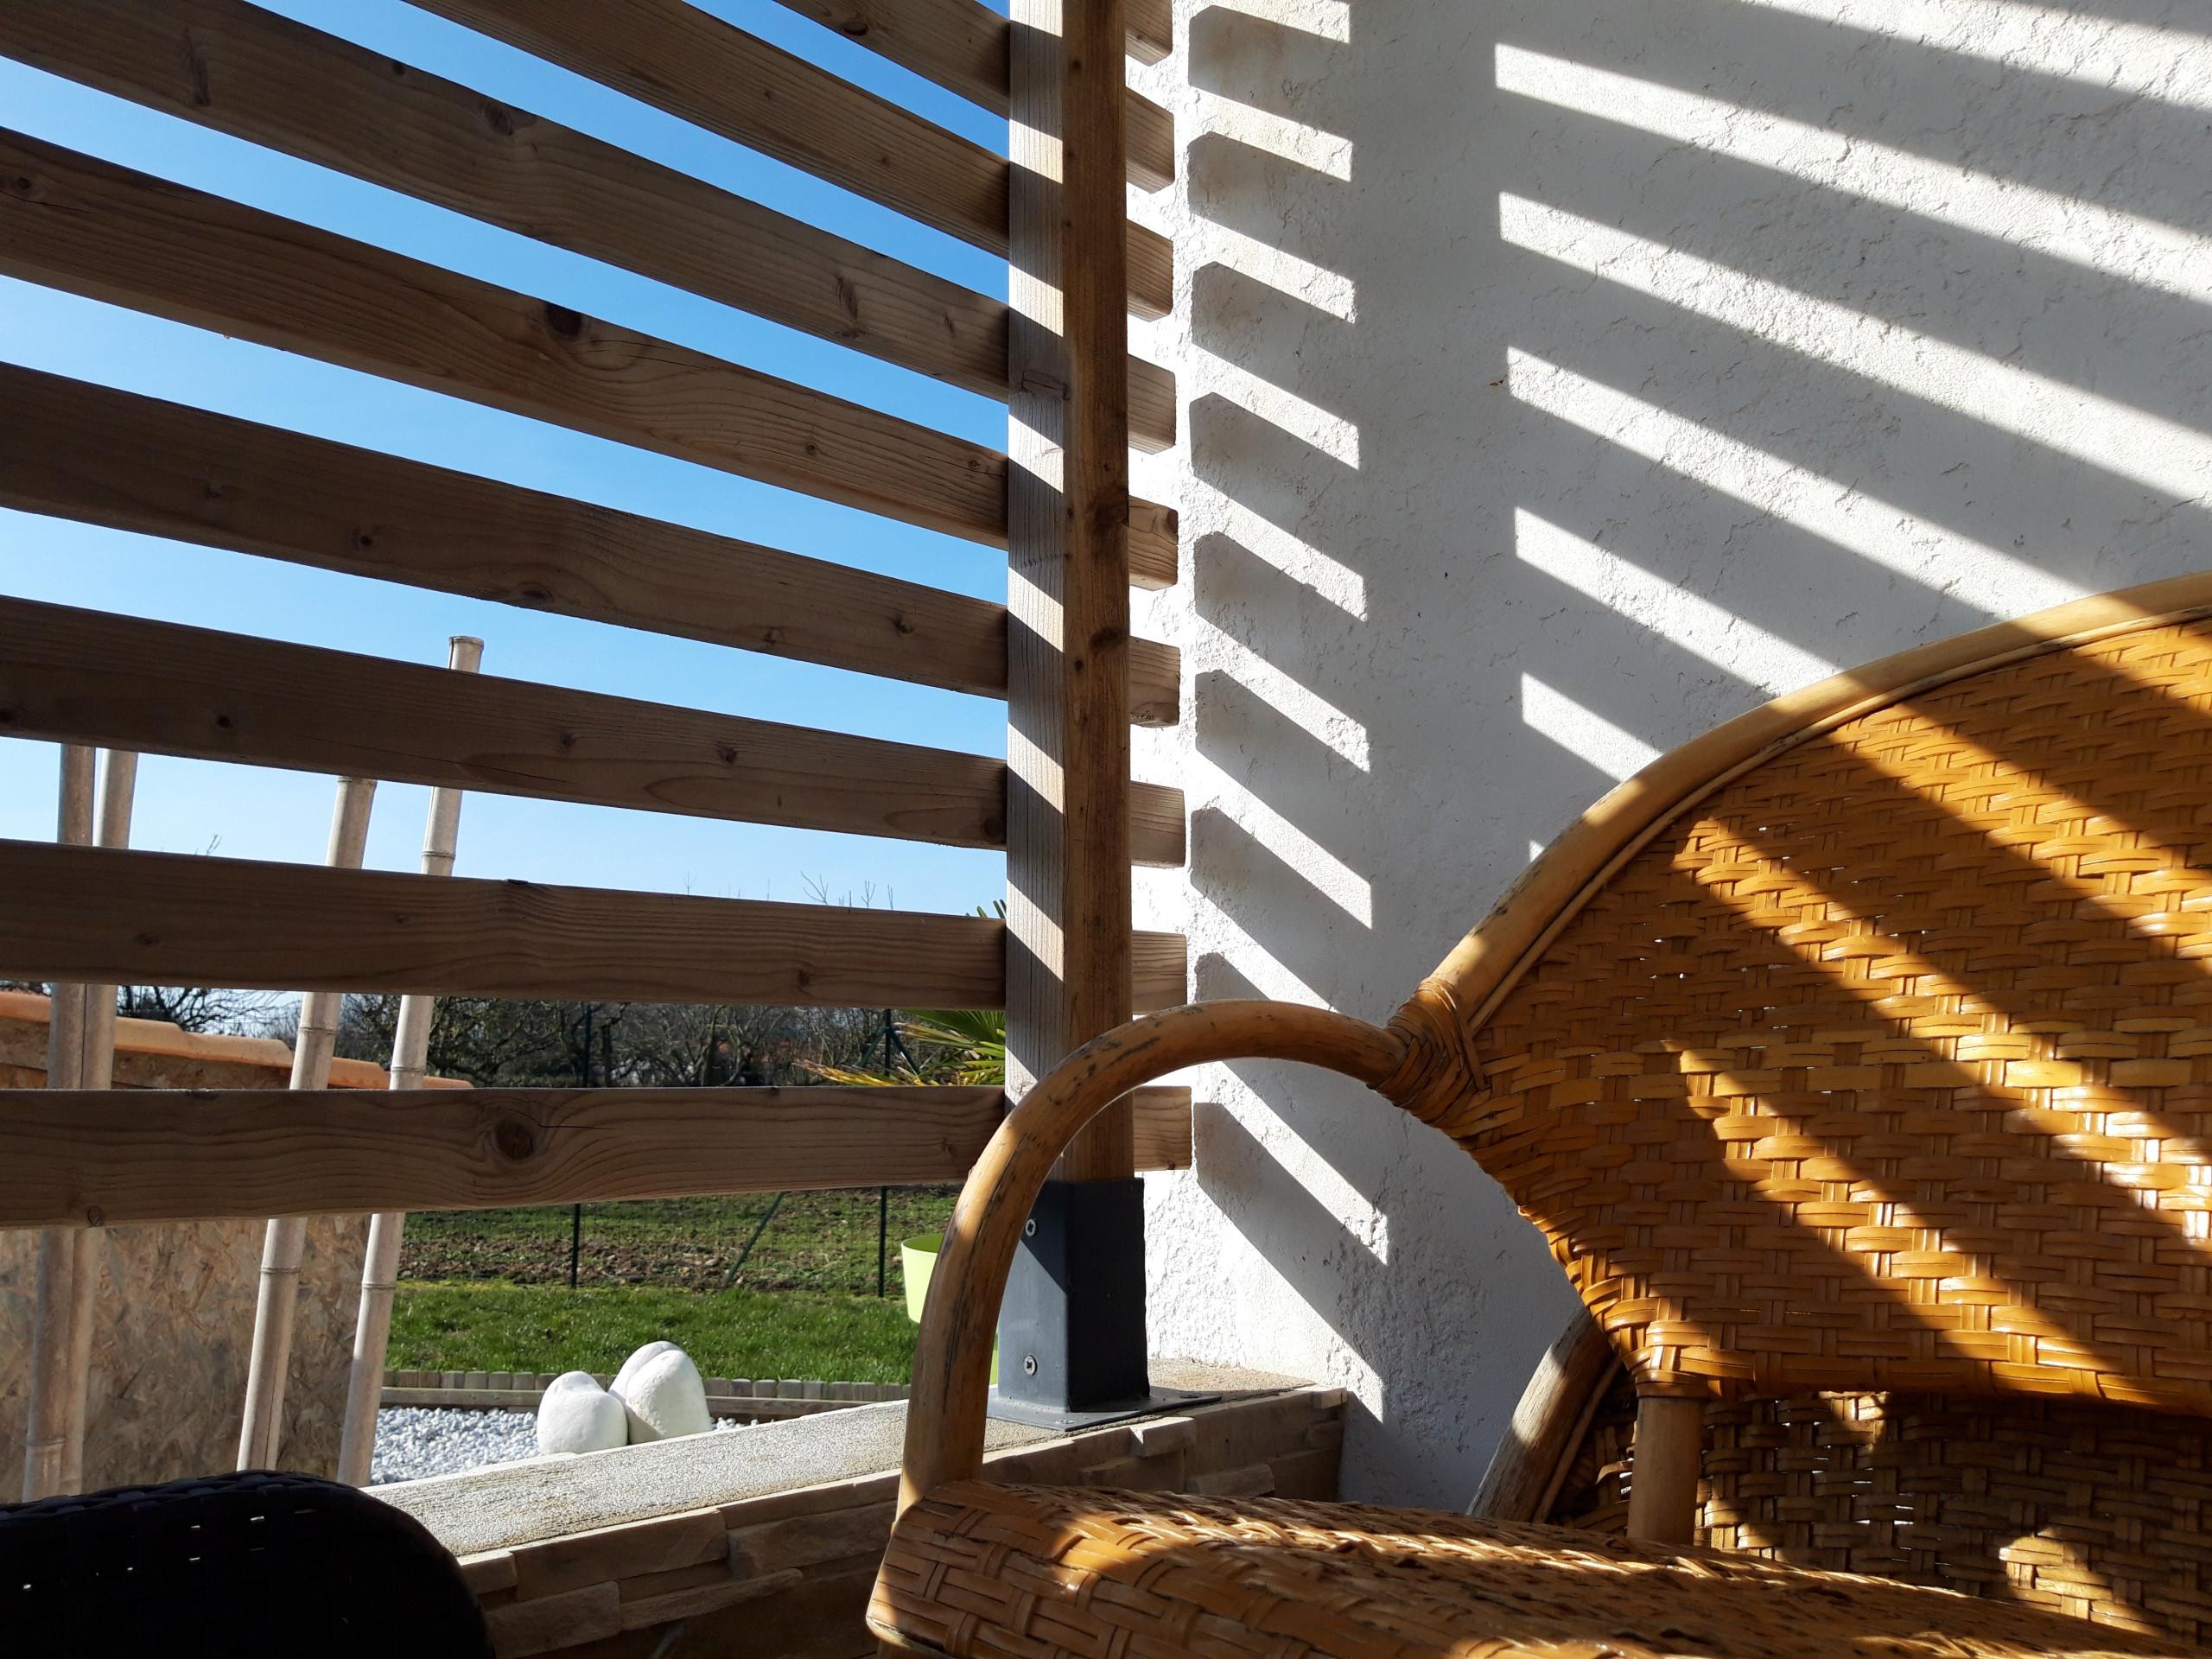 Projet Rénovation Maison Complete - Intérieur